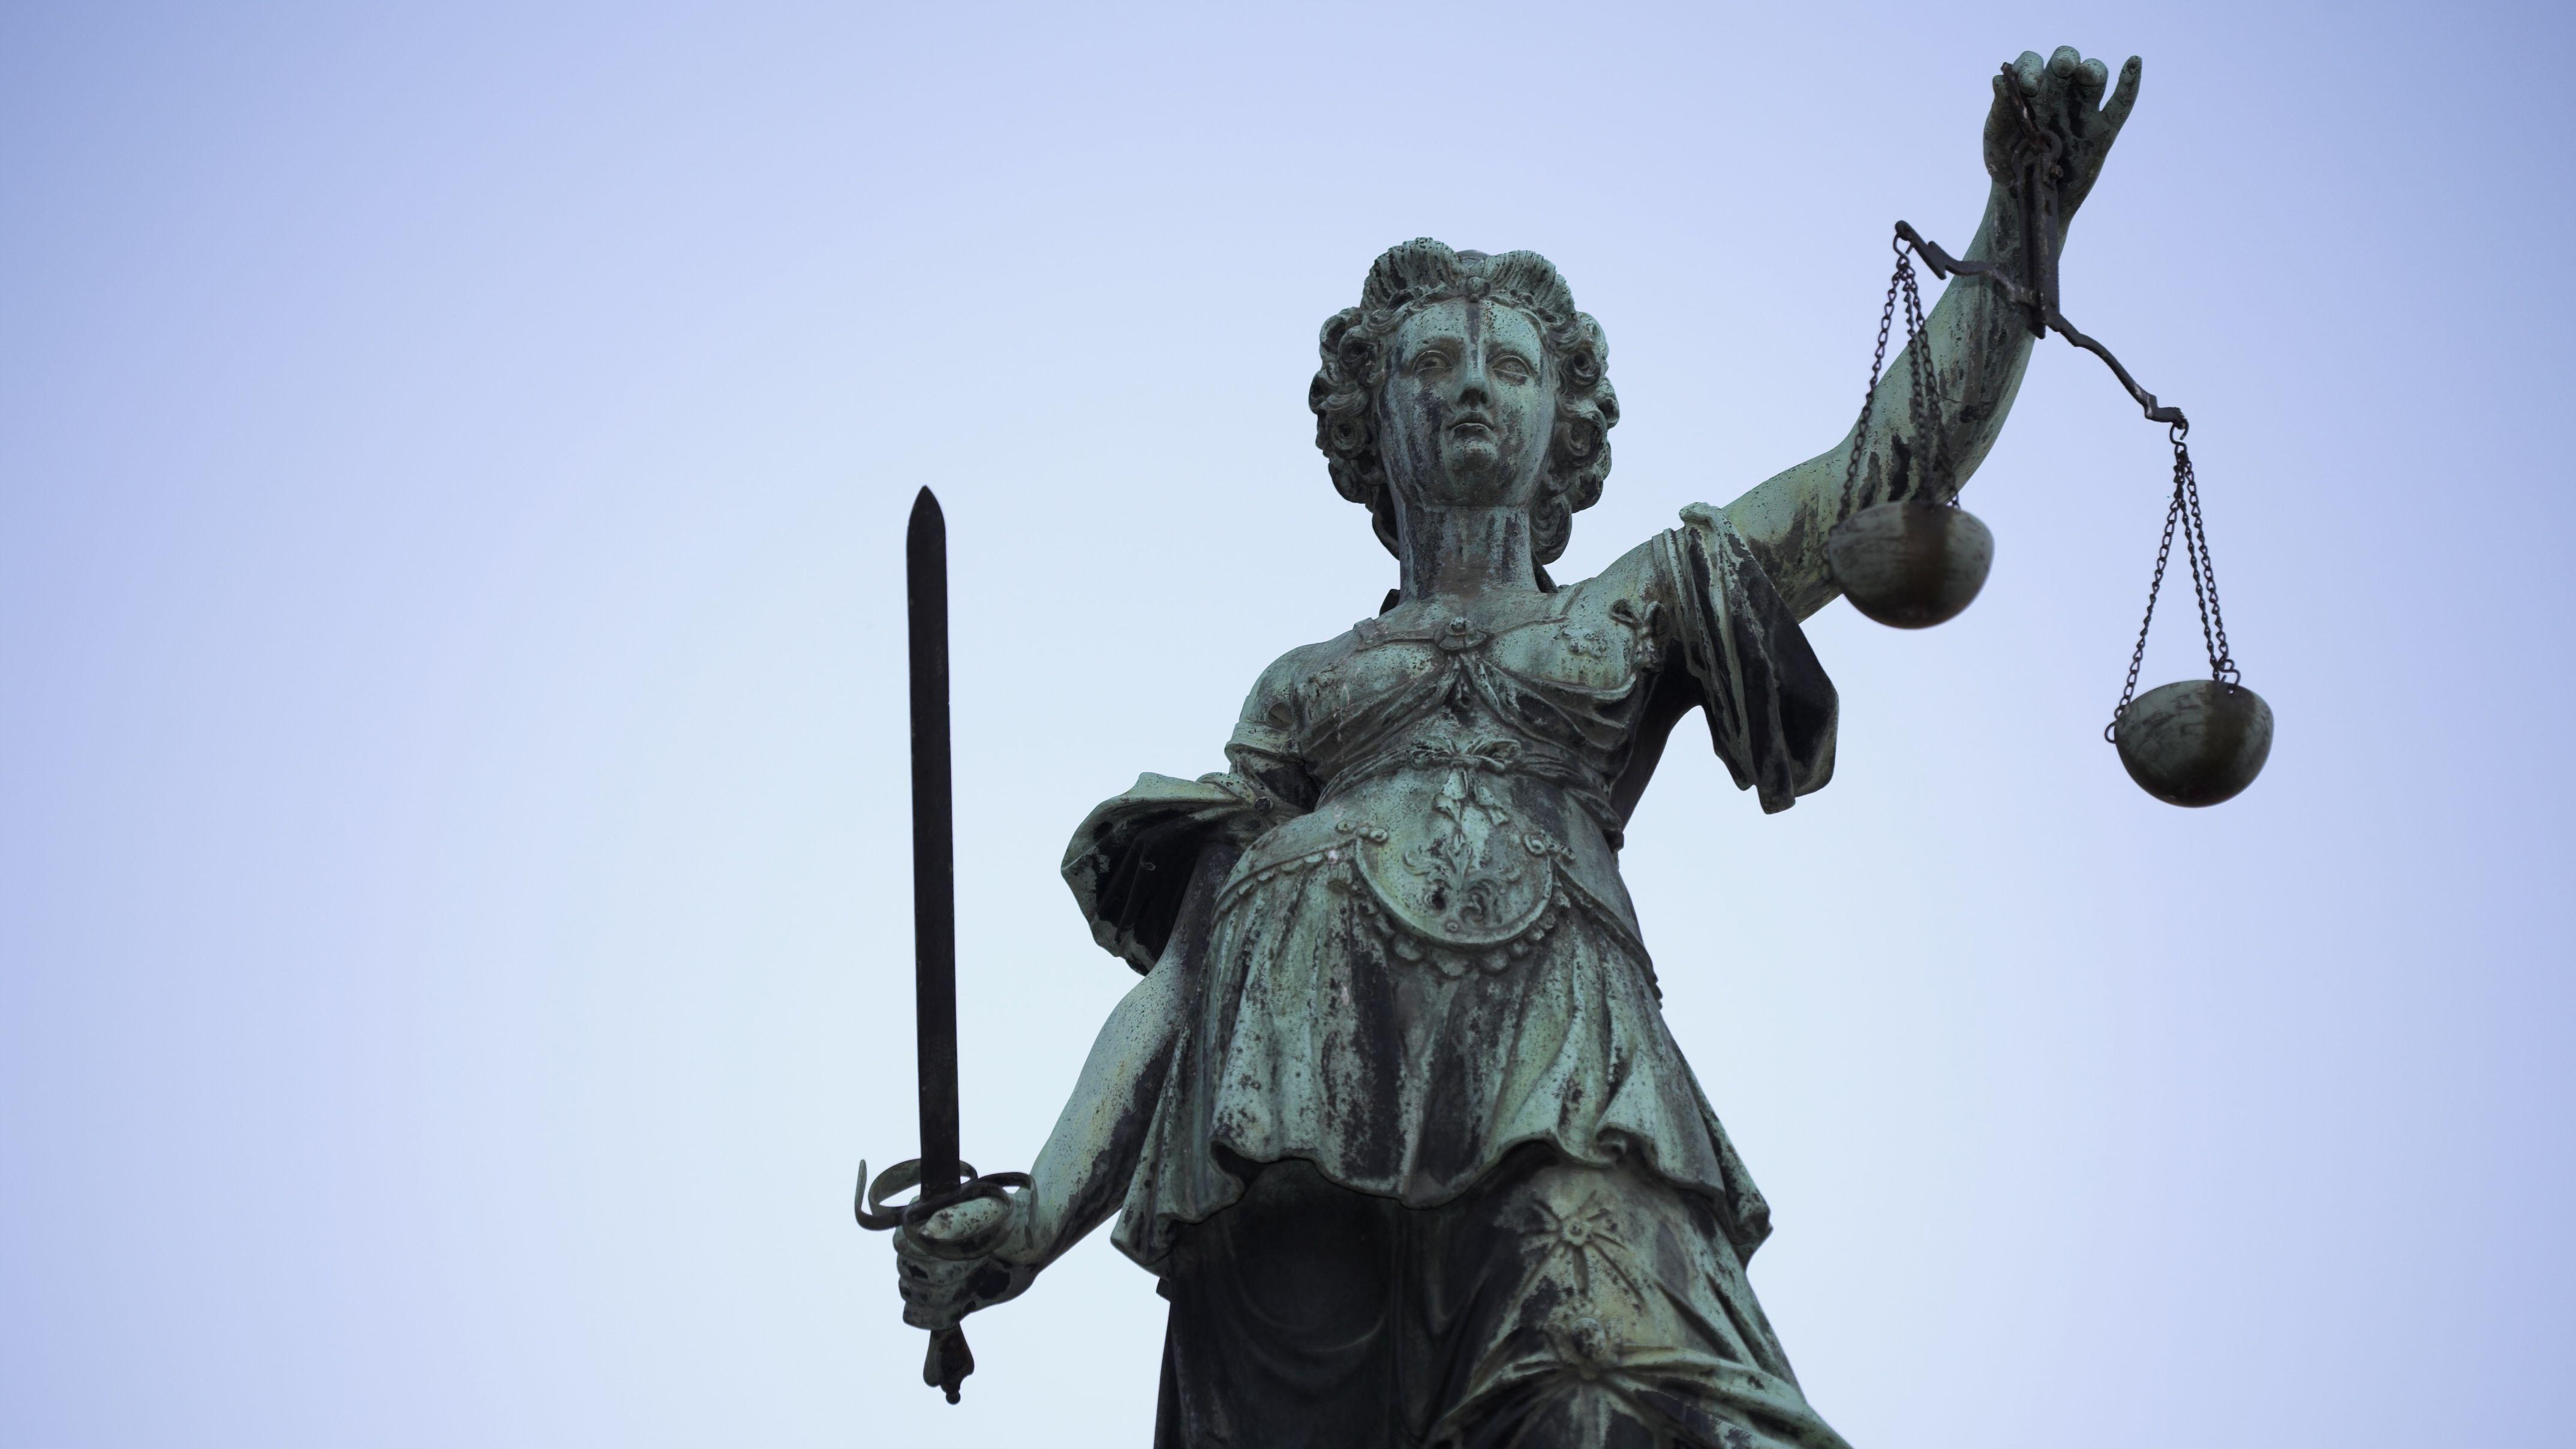 Figur der Justizia (Symbolbild)